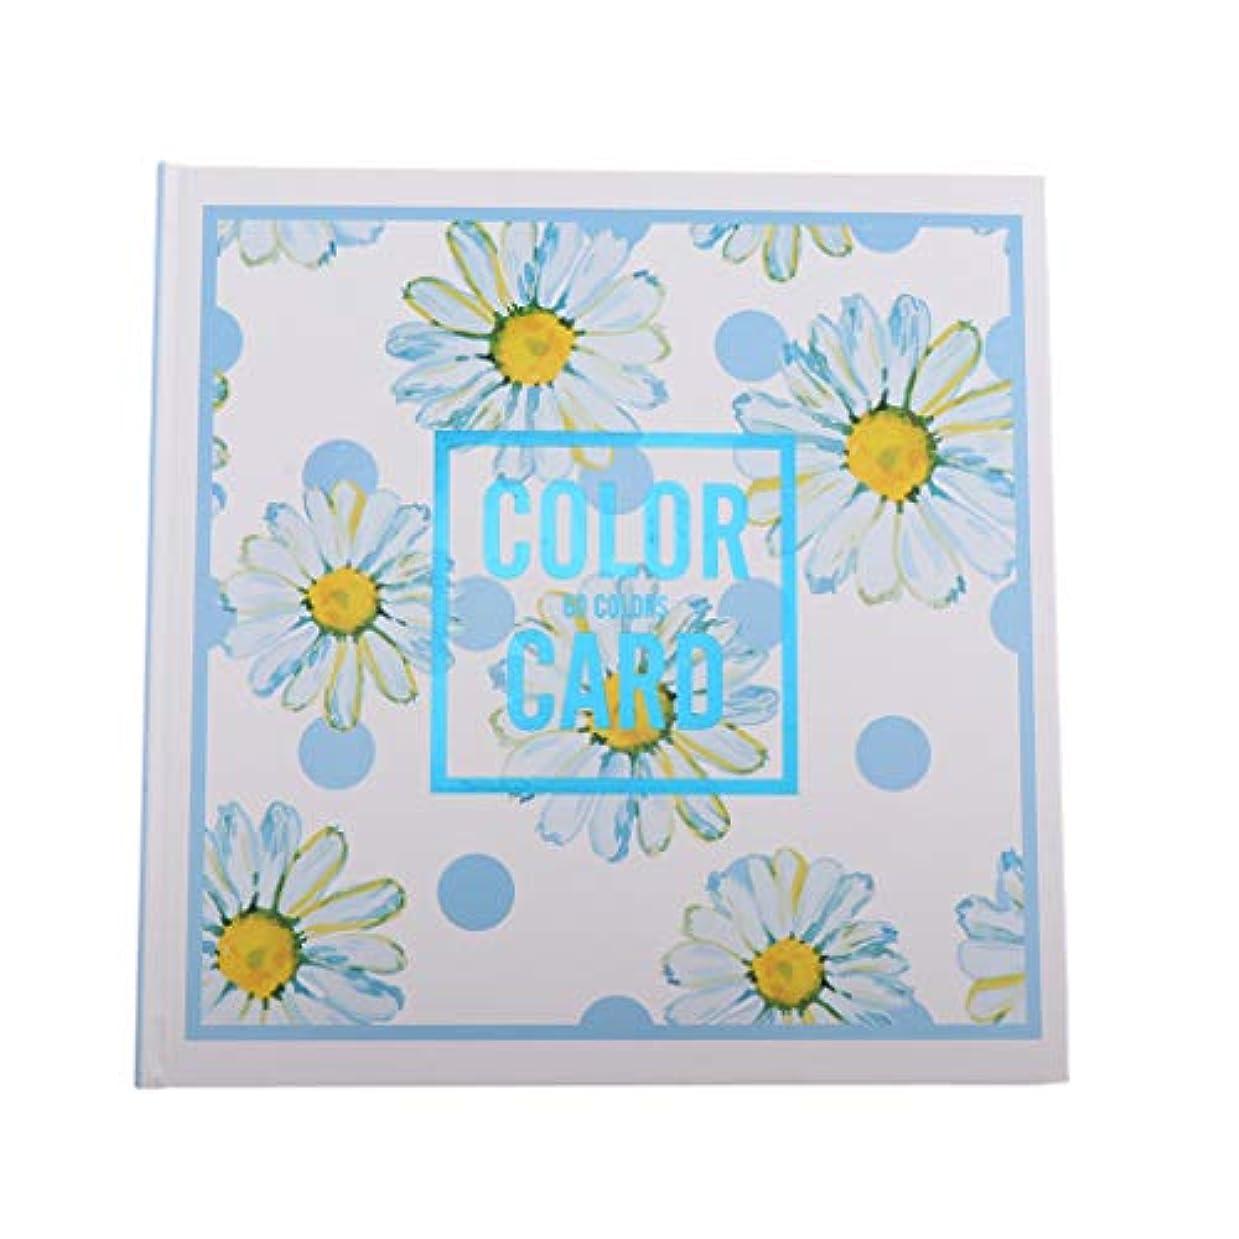 コントロール協同東方ネイルカラーカードブック ネイルポリッシュ表示 ネイルアート色見本 ネイルアート用 折り畳み式 全3種 - 04